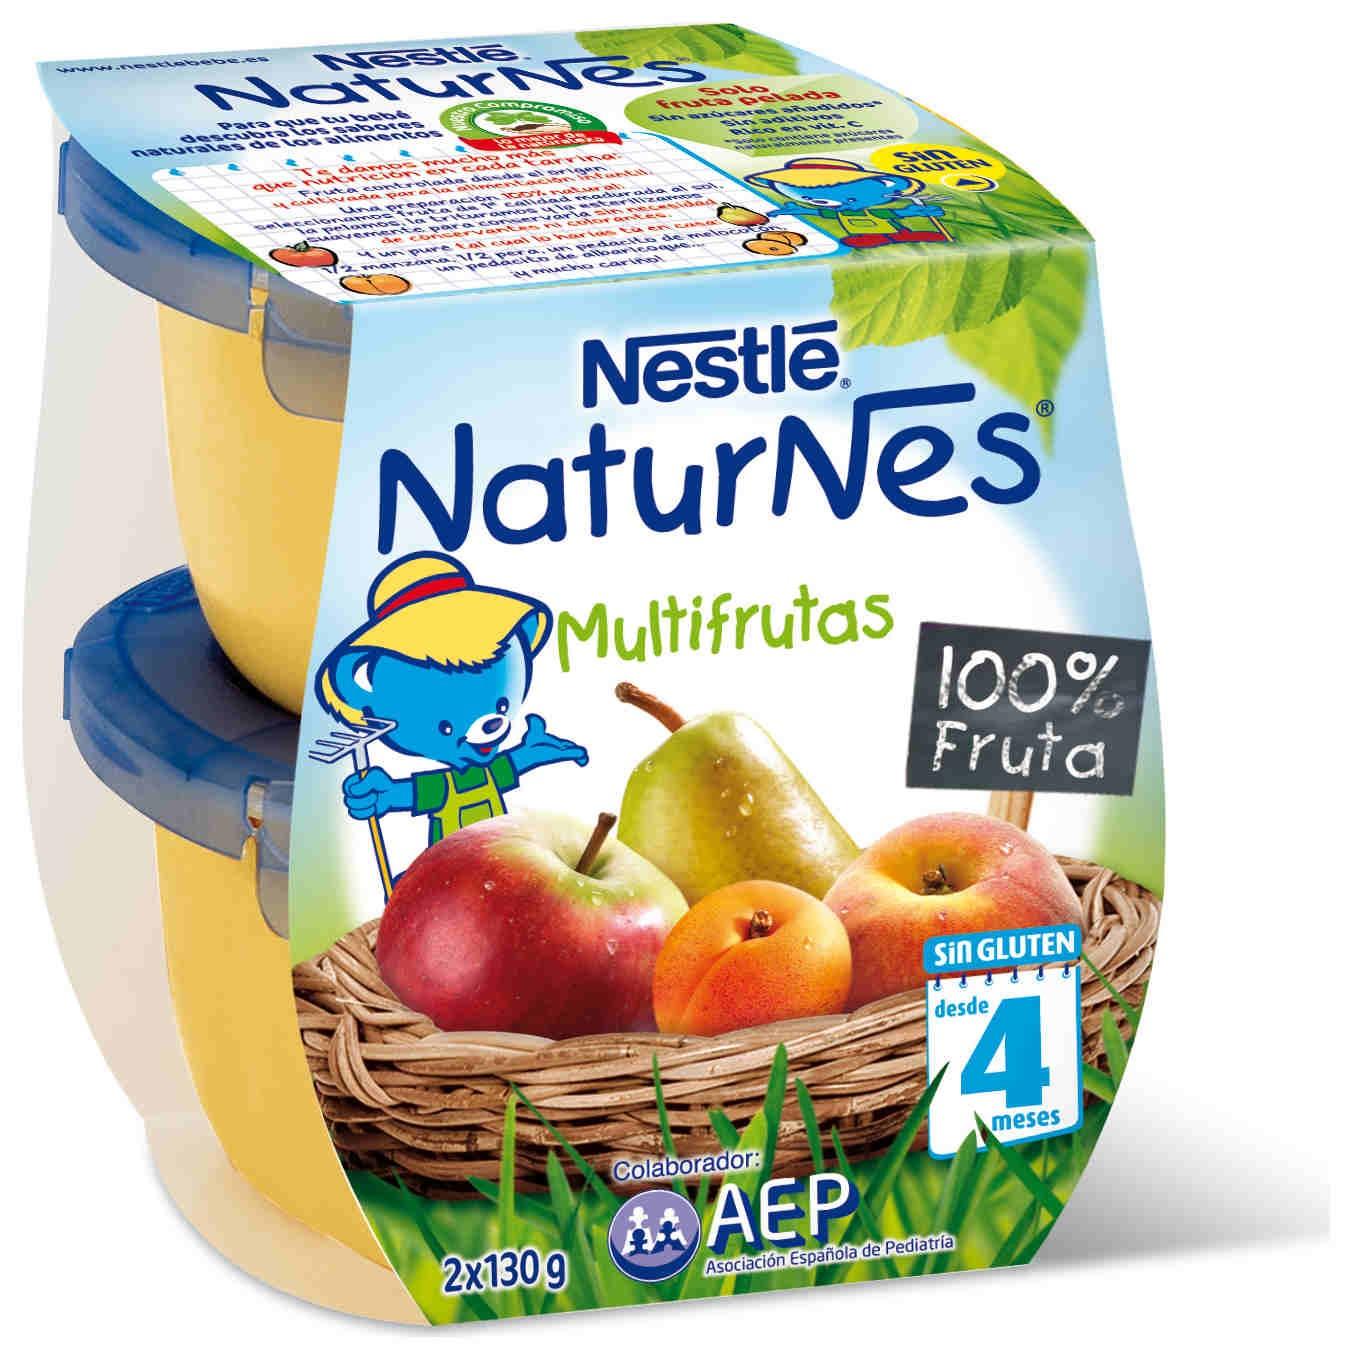 NaturNes, lo nuevo de Nestlé